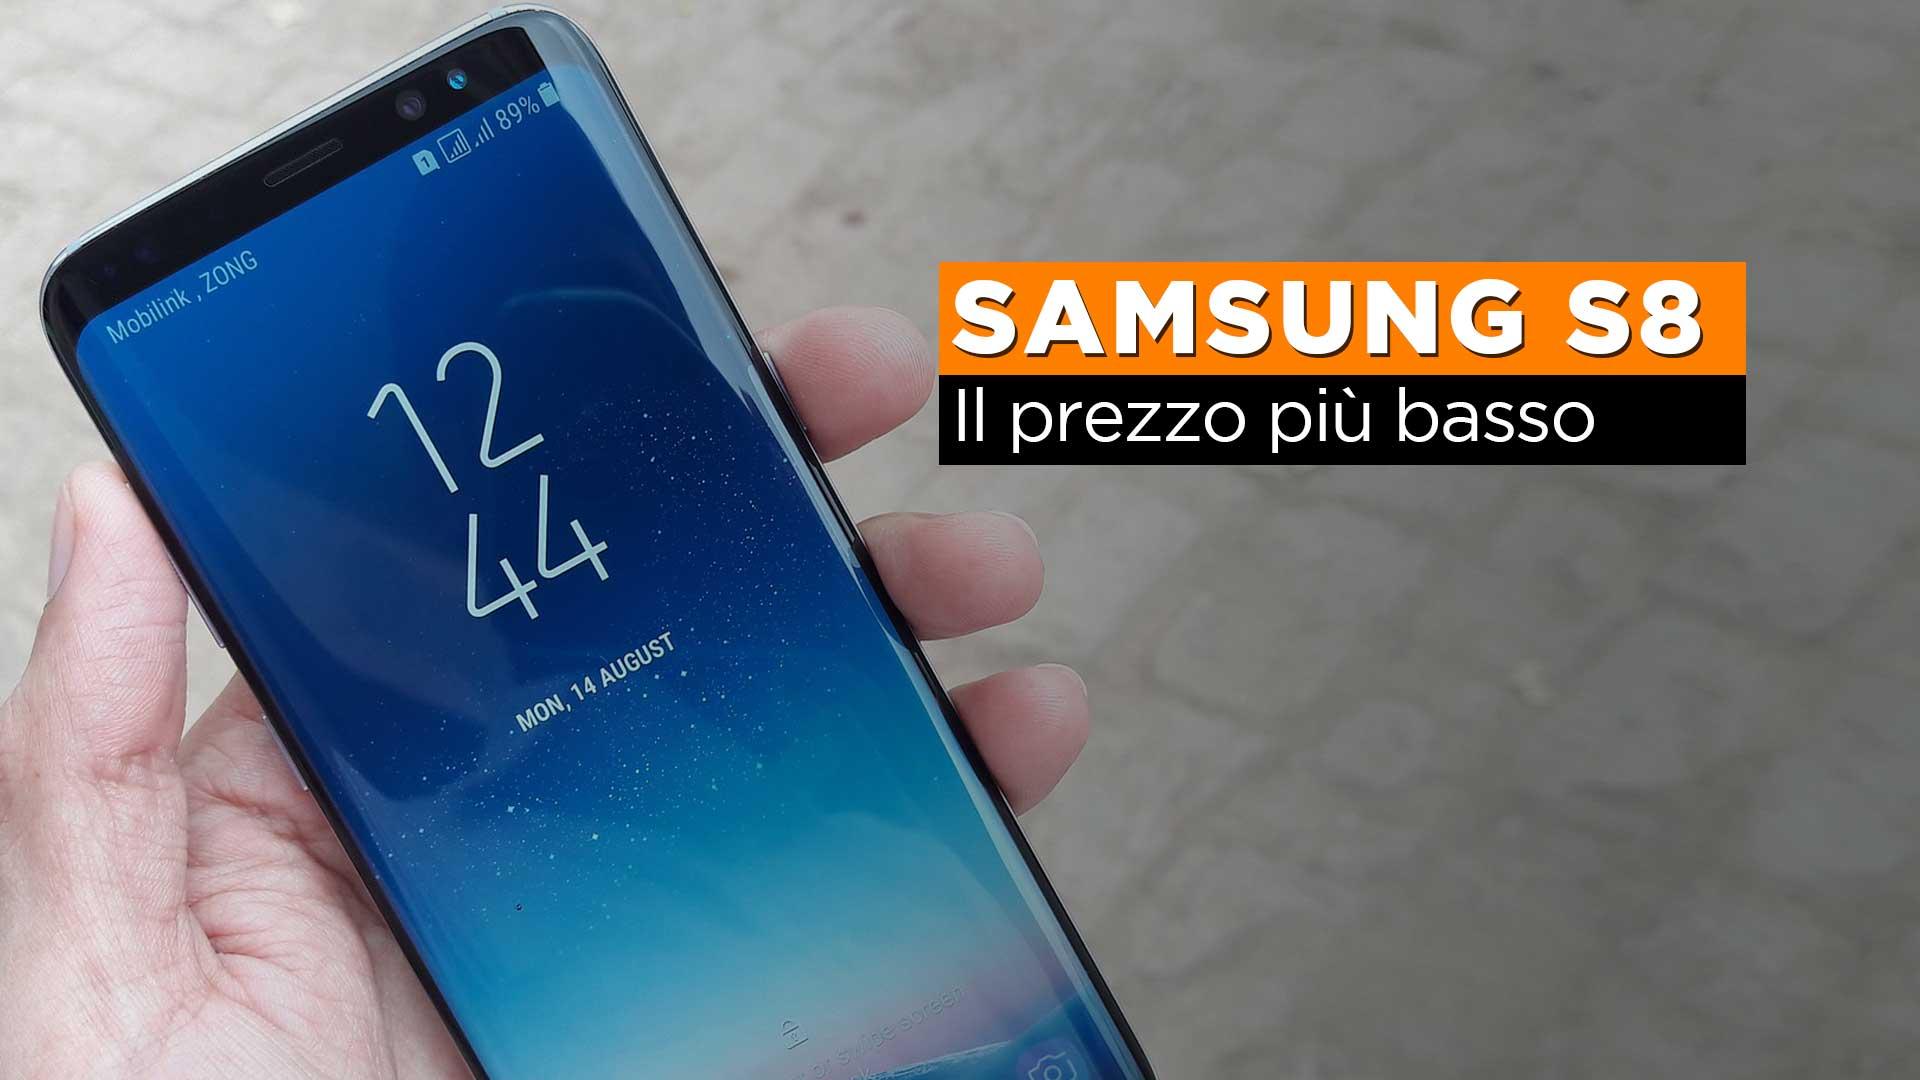 Galaxy S8: Samsung riprende l'aggiornamento ad Android 8 Oreo